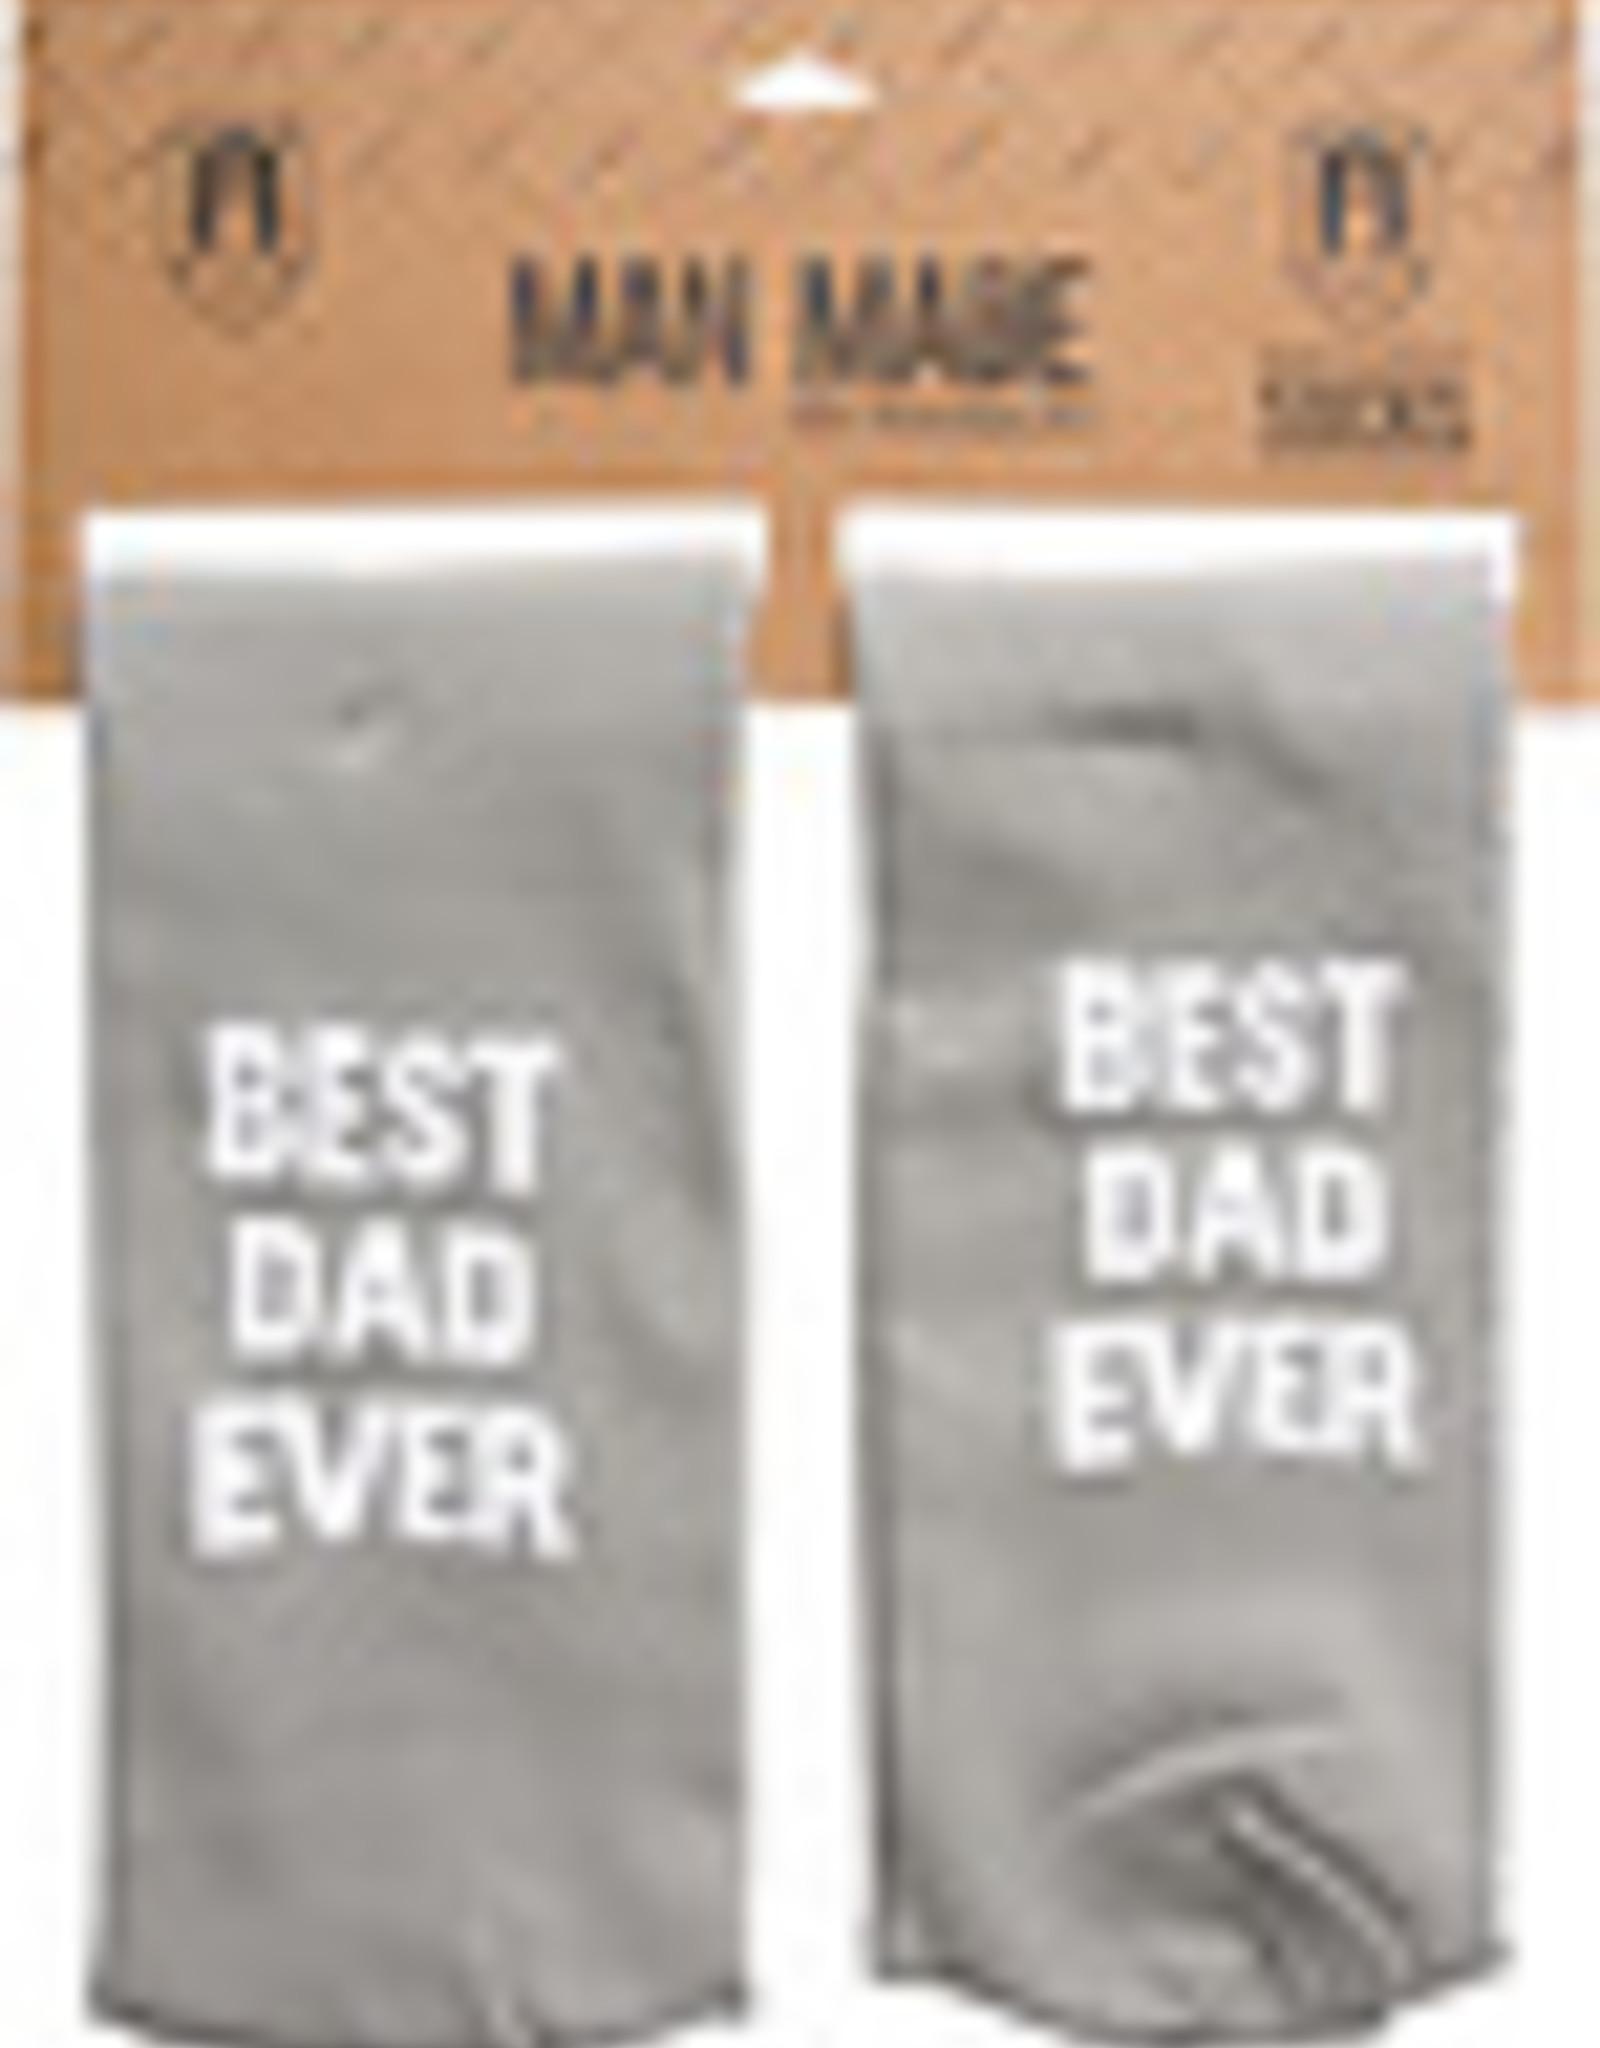 PAVILION BEST DAD EVER SOCKS